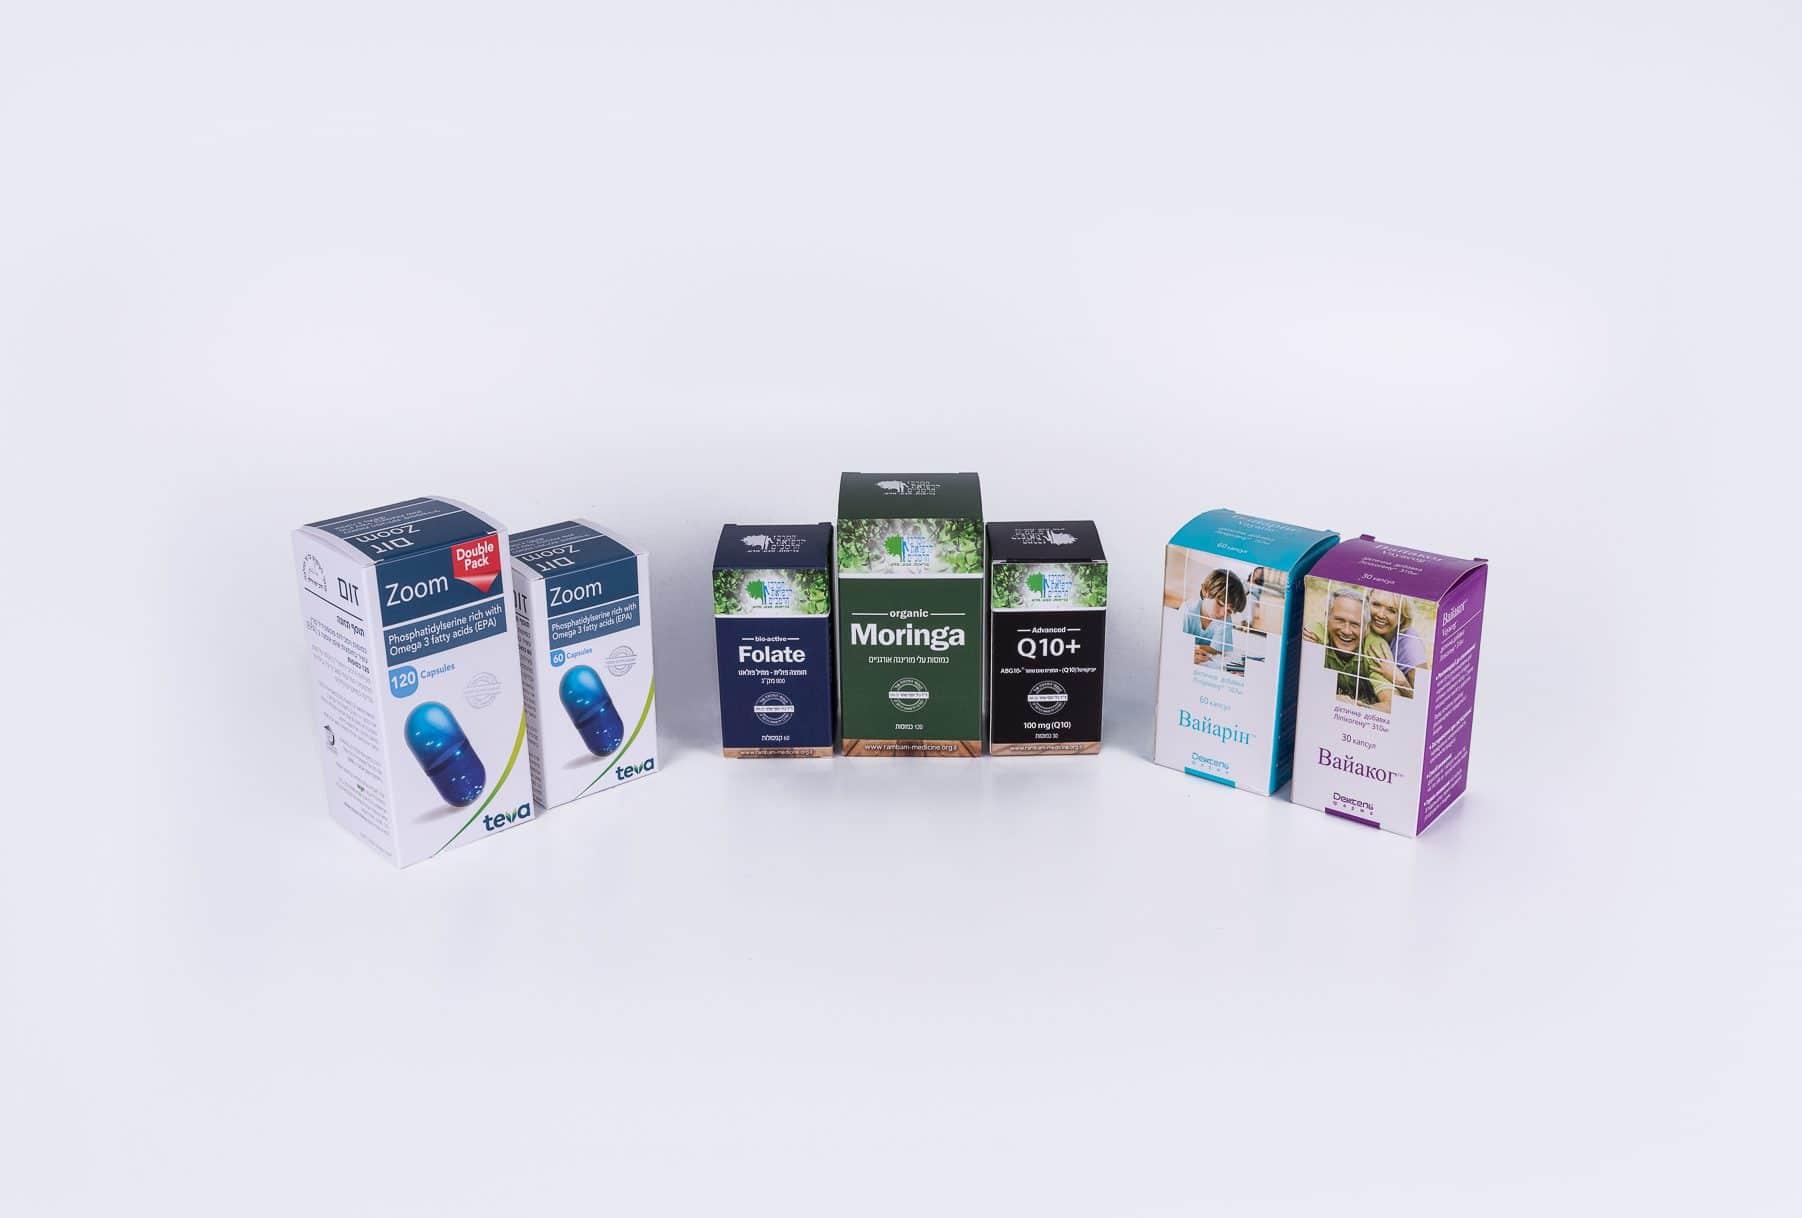 קופסאות מקרטון לתוספי מזון וויטמינים